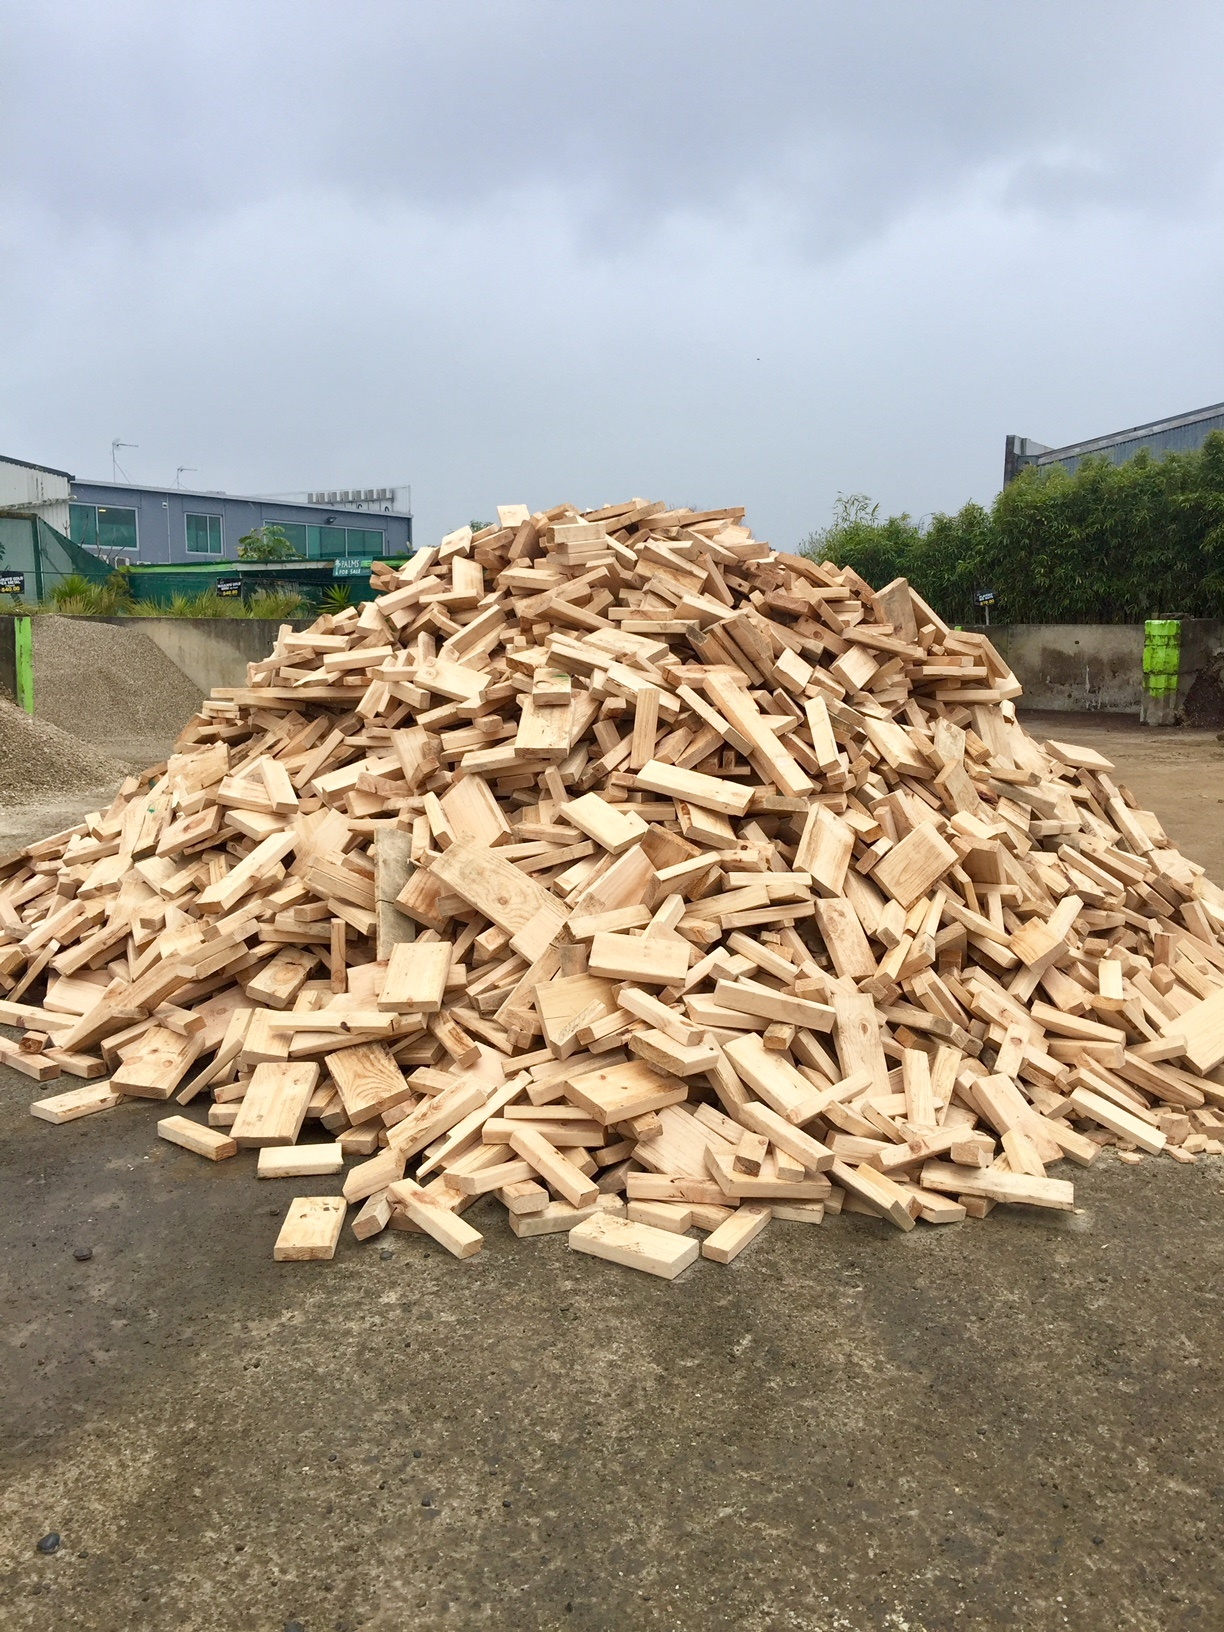 Landscape Supplies Hamilton Captain Compost